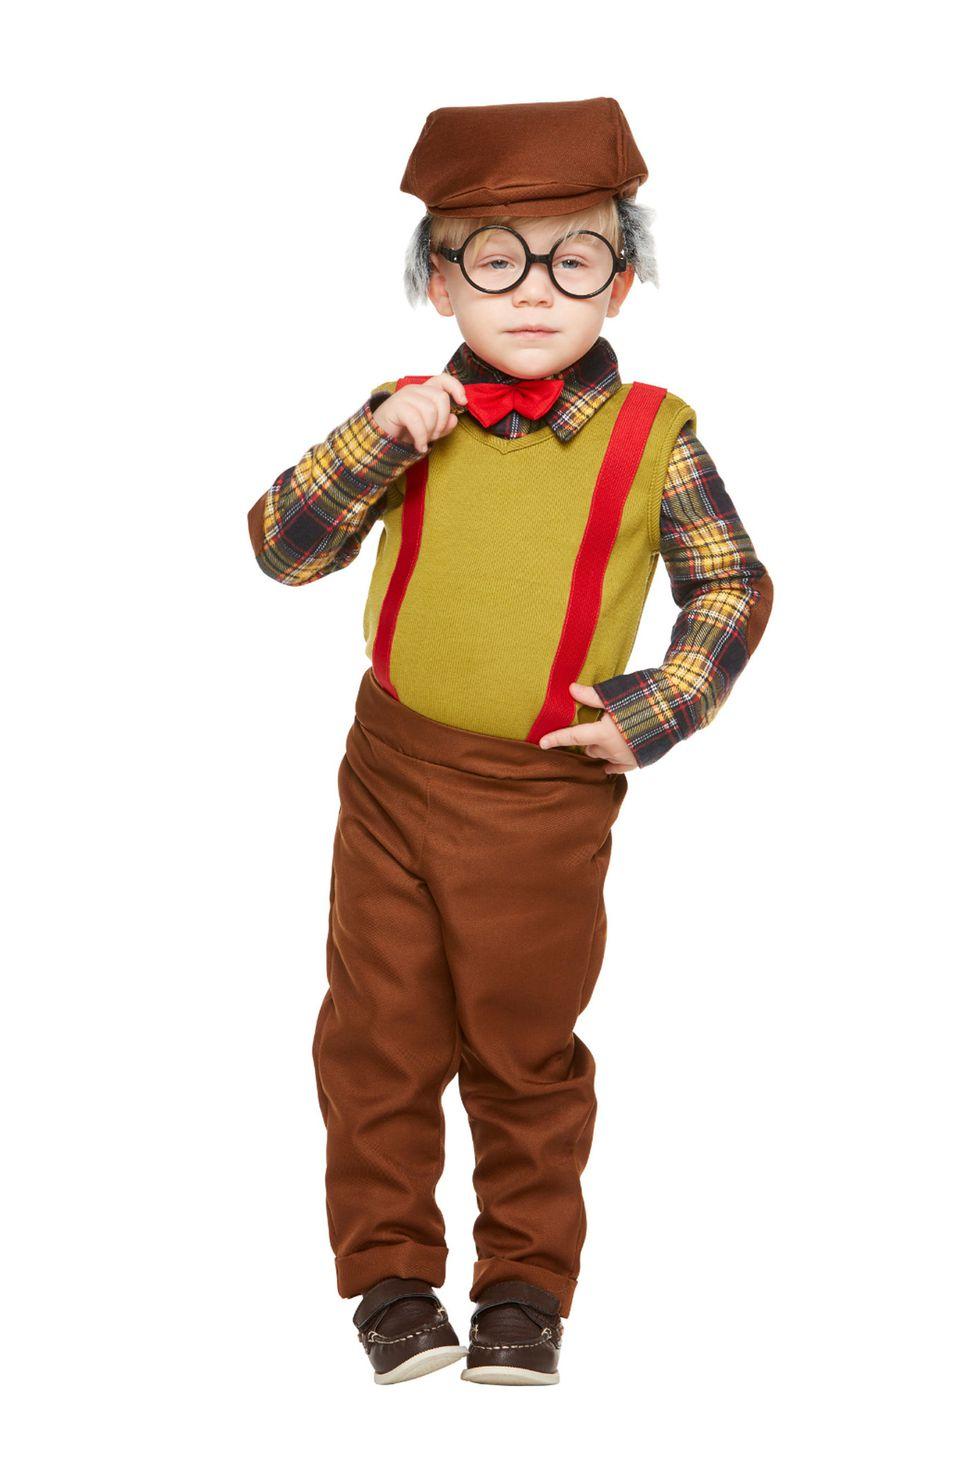 ideias fantasias halloween2 - 25 Ideias de disfarces de Halloween para bebes e crianças